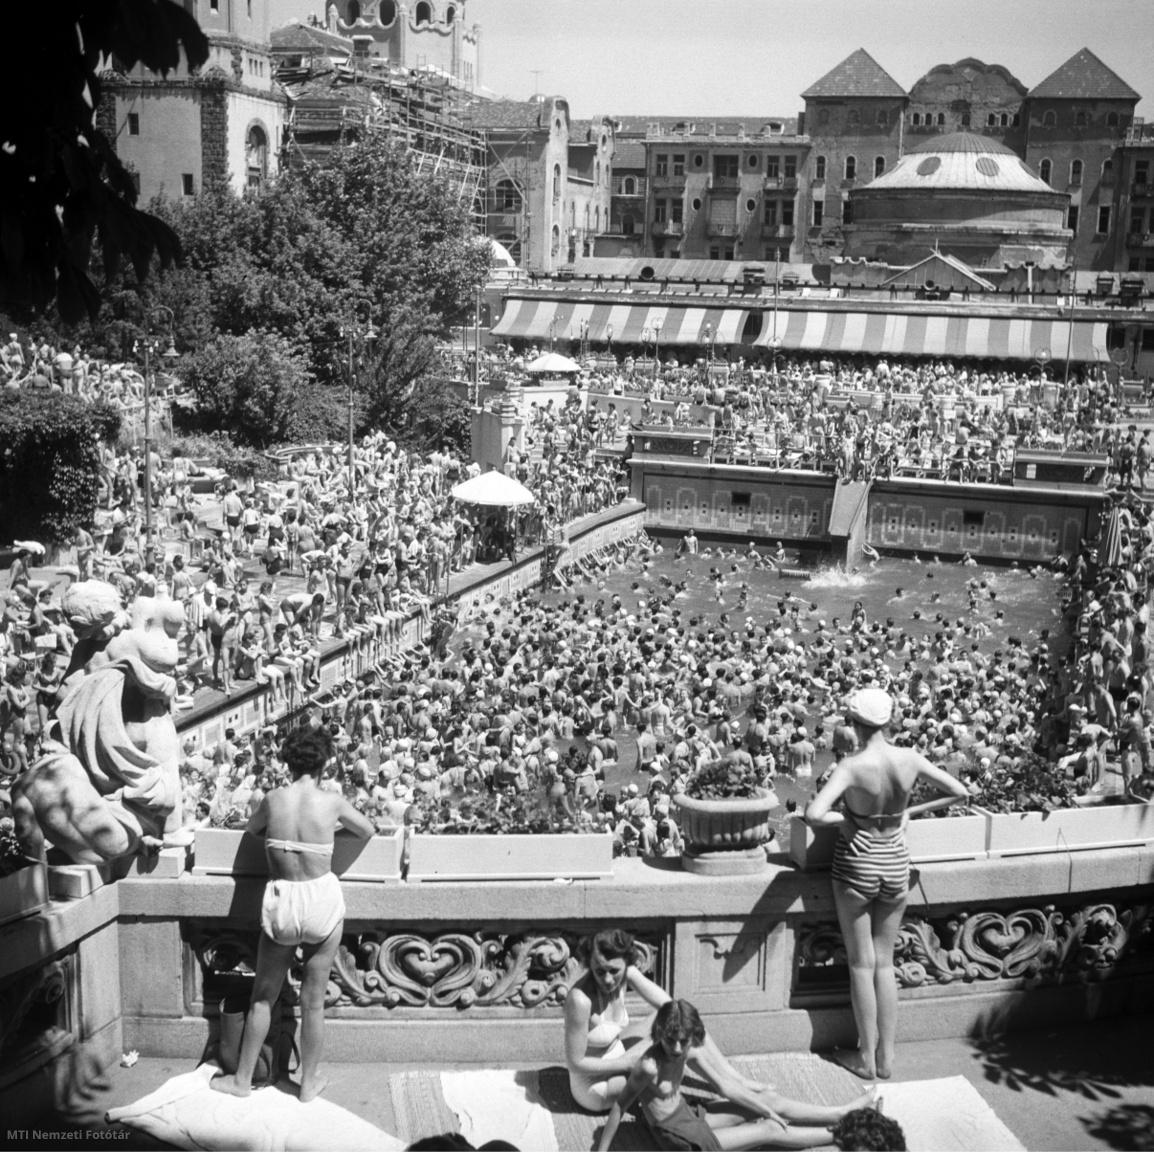 Strandolók néznek le a Gellért Fürdő teraszáról a medencében fürdőzőkre 1957. június 16-án.